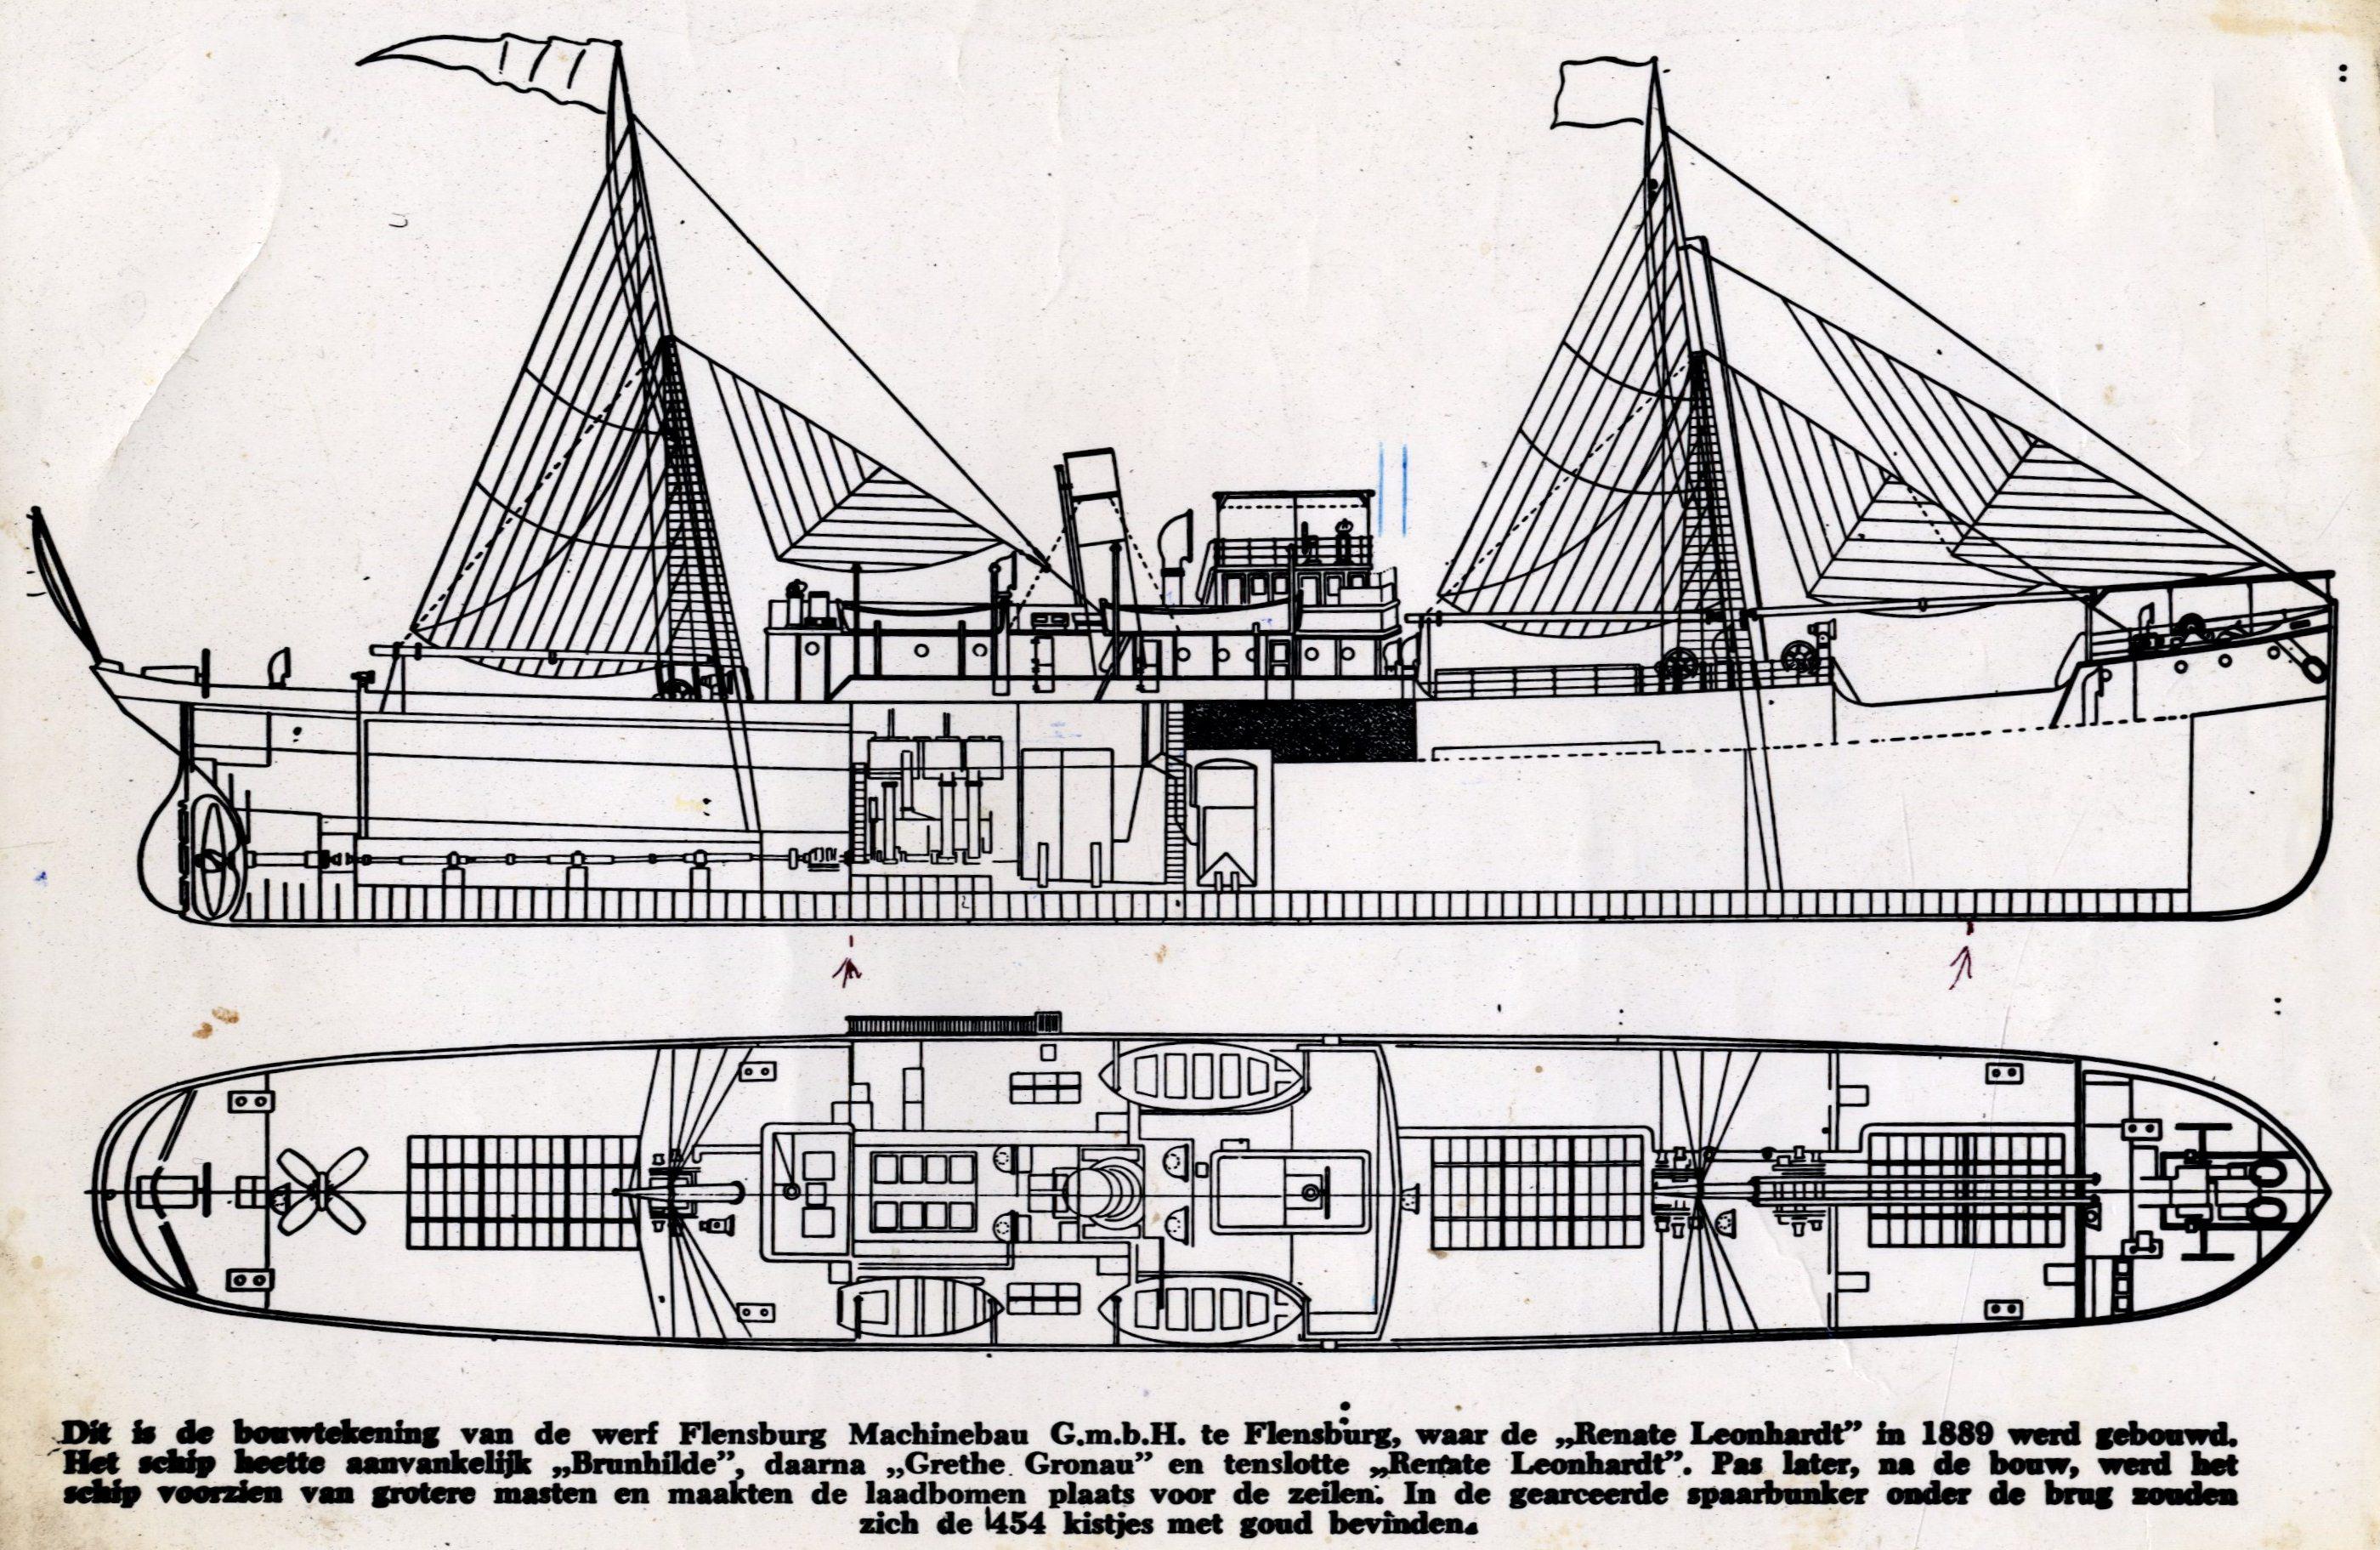 Plattegrond omgebouwde zeilboot Renate Leonhardt